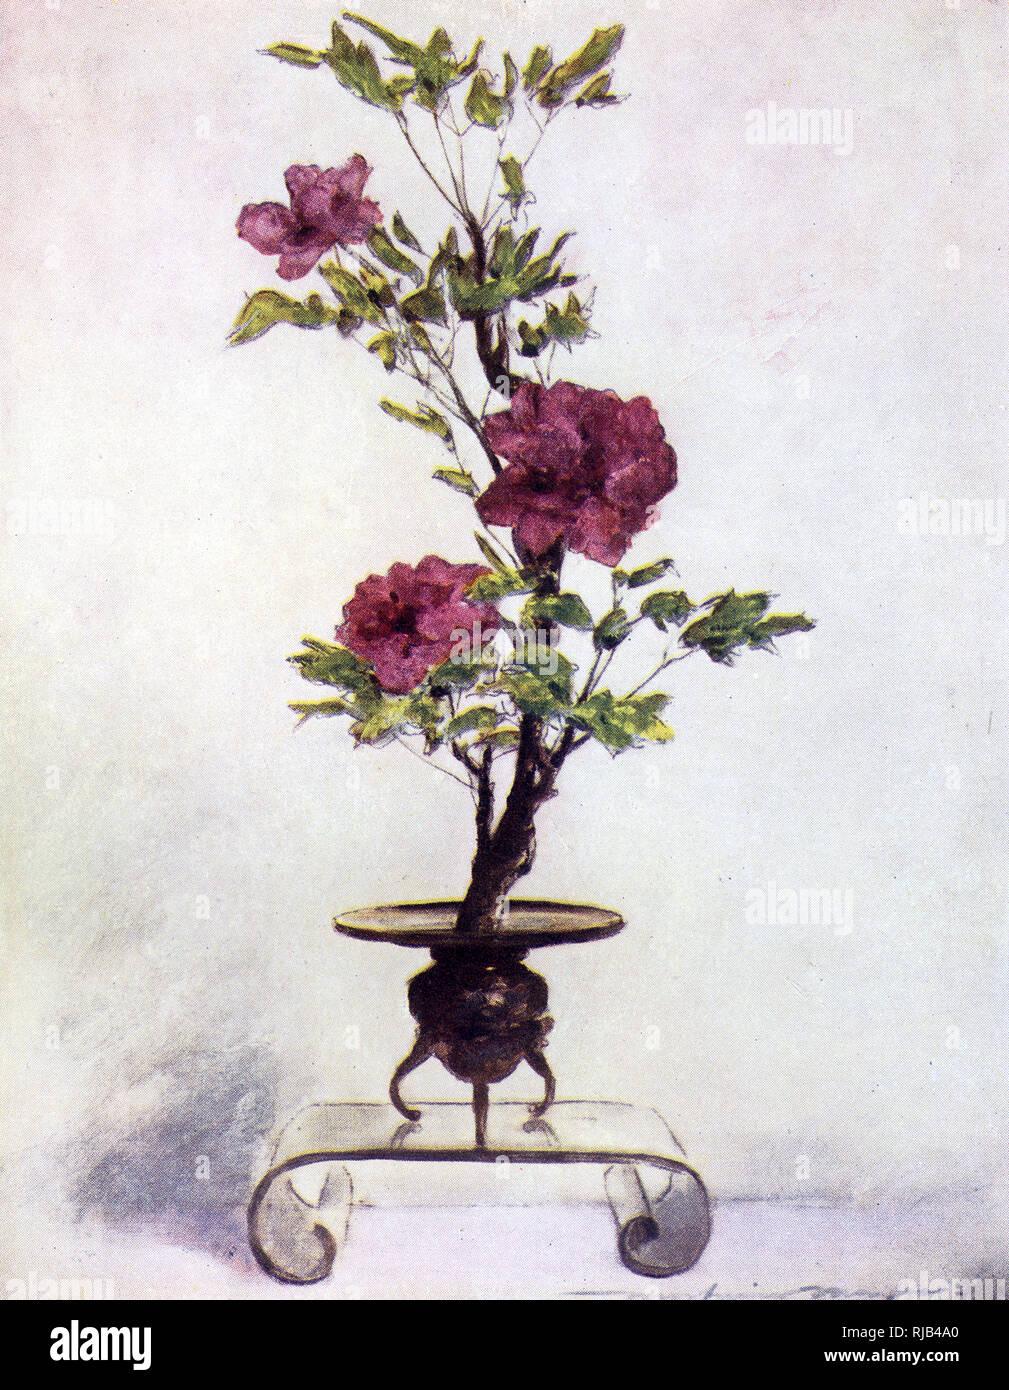 Ein Beispiel Fur Die Traditionelle Japanische Kunst Des Blumenarrangierens Wissen Wie Ikebana Stockfotografie Alamy